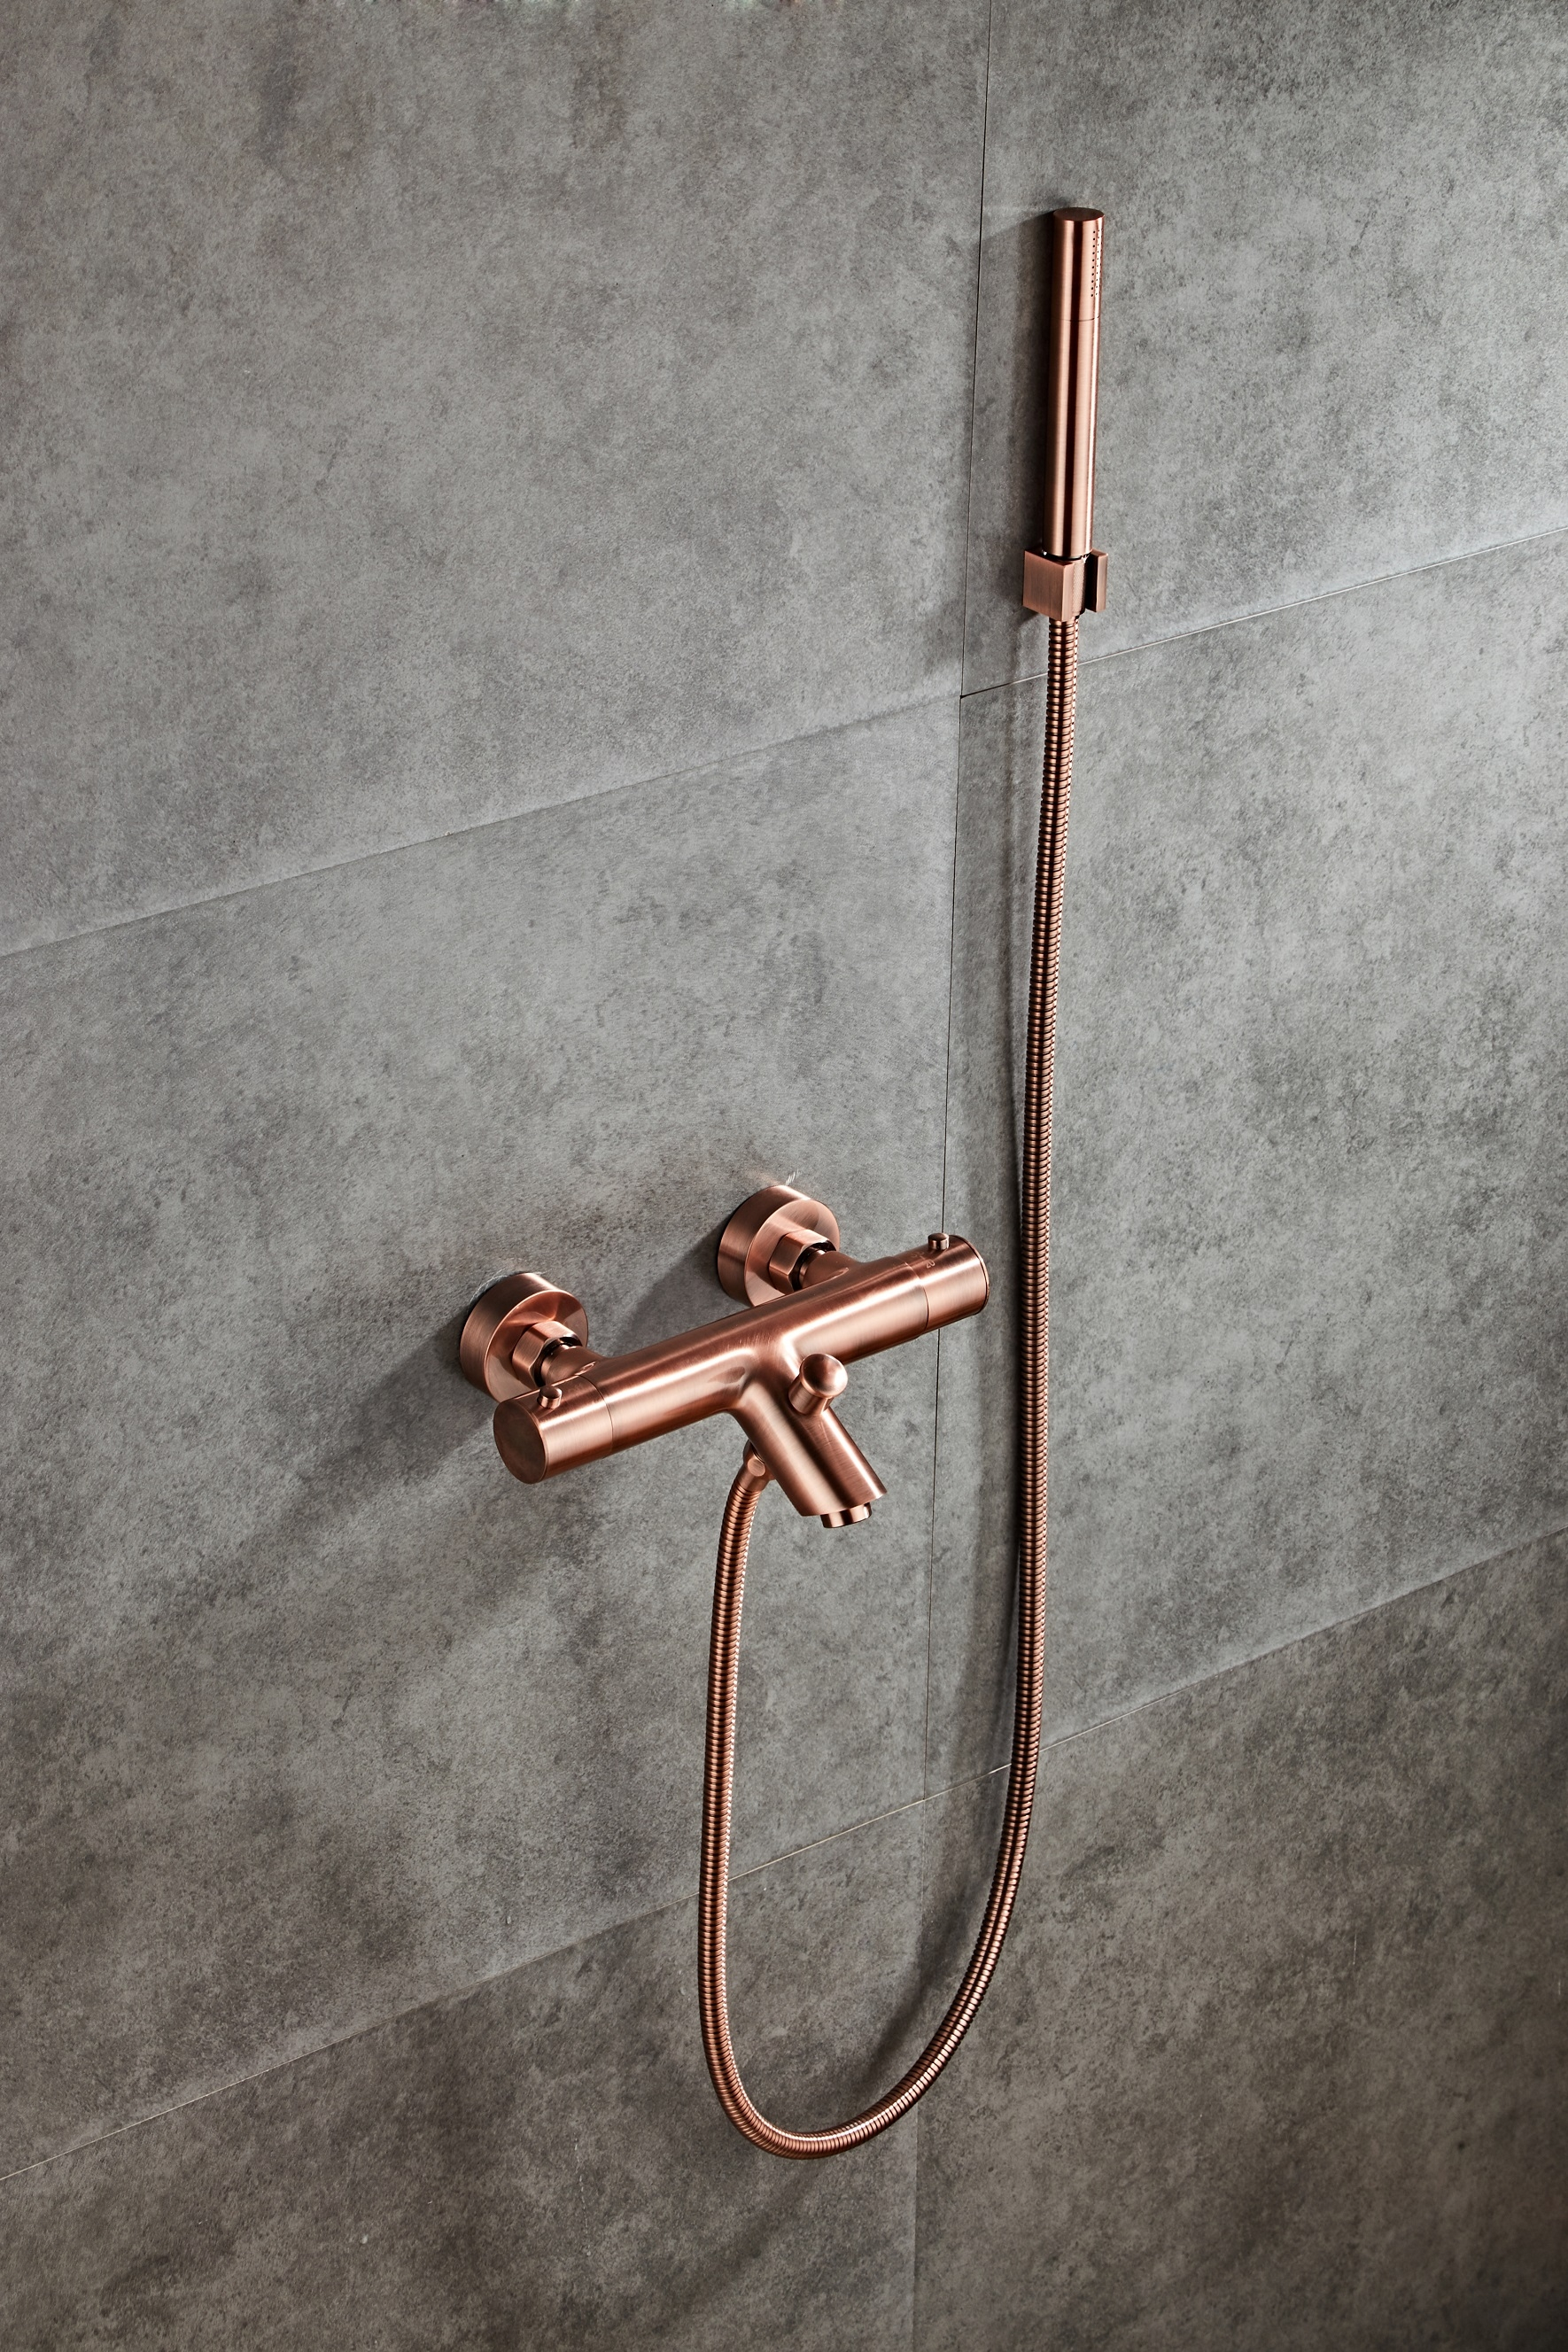 Saniclear Copper thermostatische badkraan met handdouche geborsteld koper kopen doe je voordelig hier